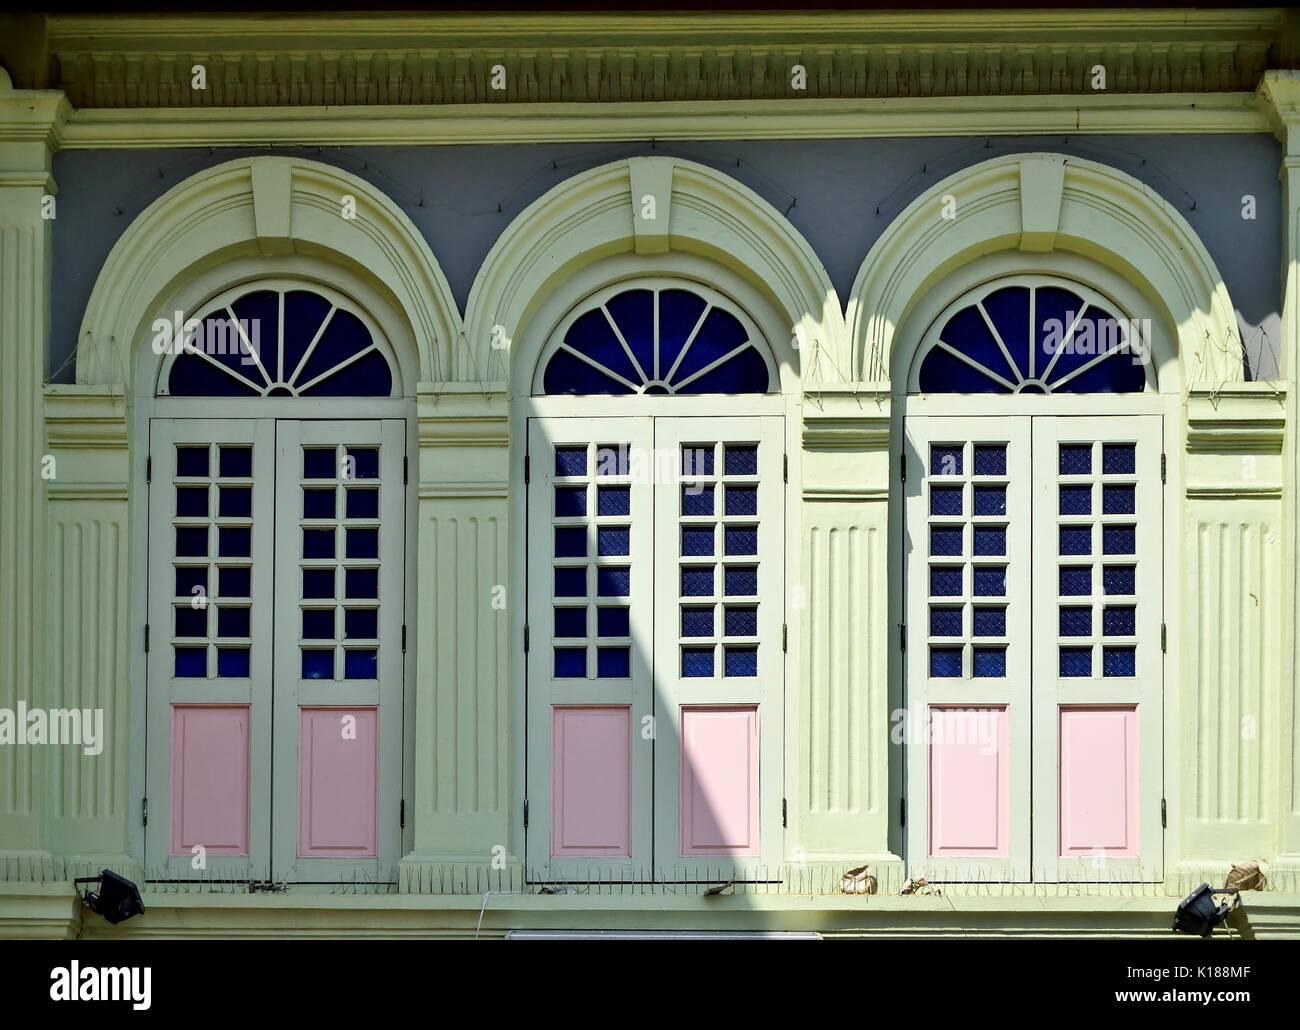 Traditionelle Shop Haus Außen Mit Grünen Hölzerne Lamellenfensterläden,  Bogenfenster Und Kunstvollen Steinmetzarbeiten Im Stadtteil Little India,  Singapur